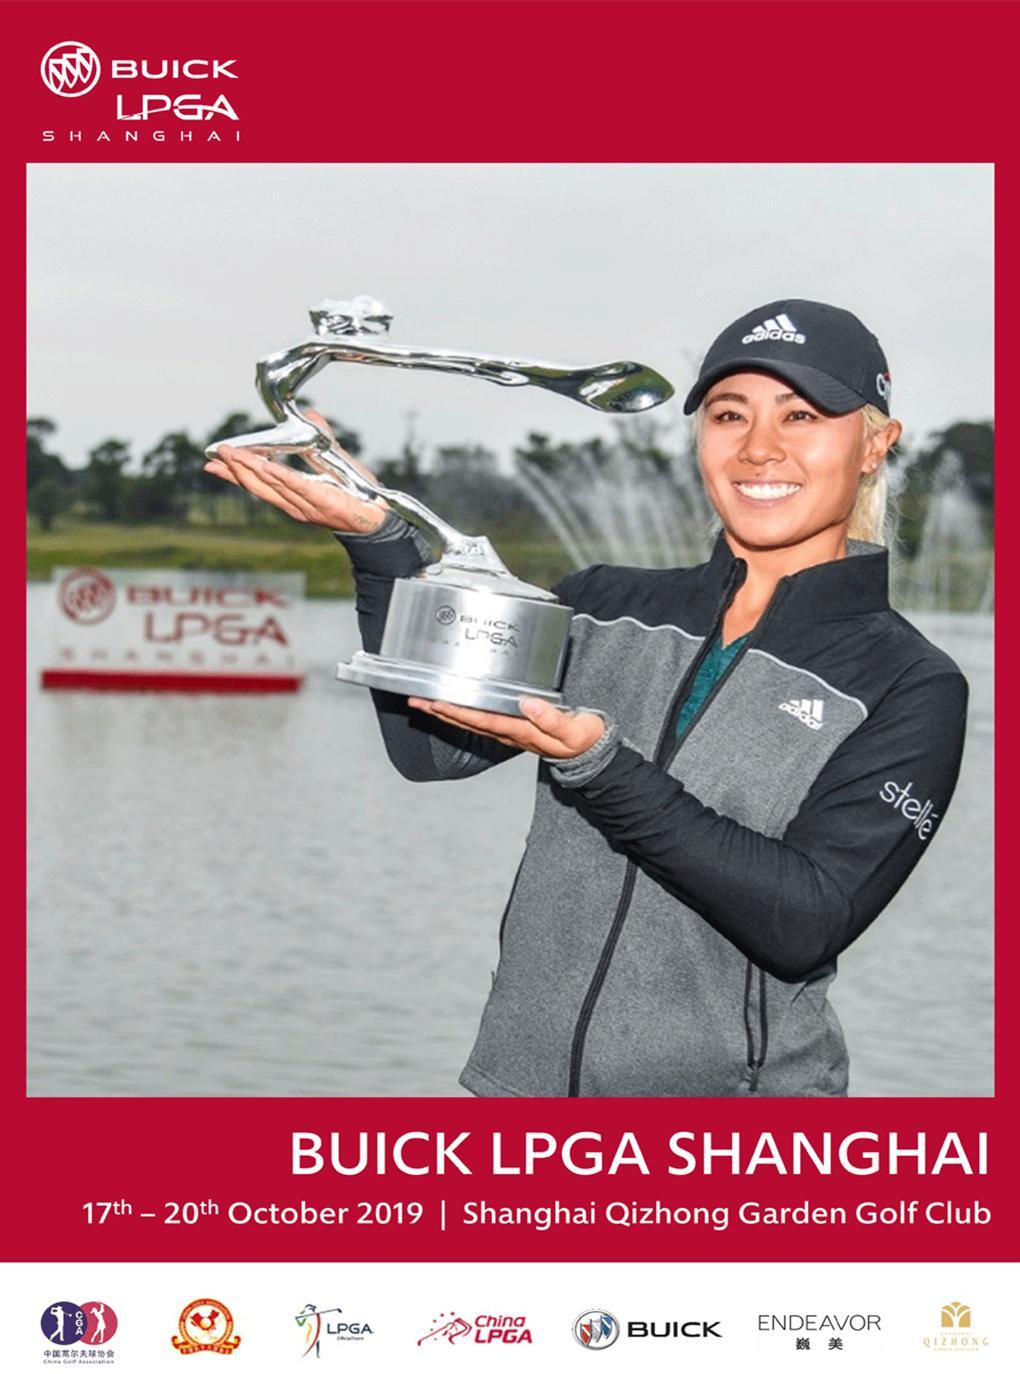 別克LPGA錦標賽